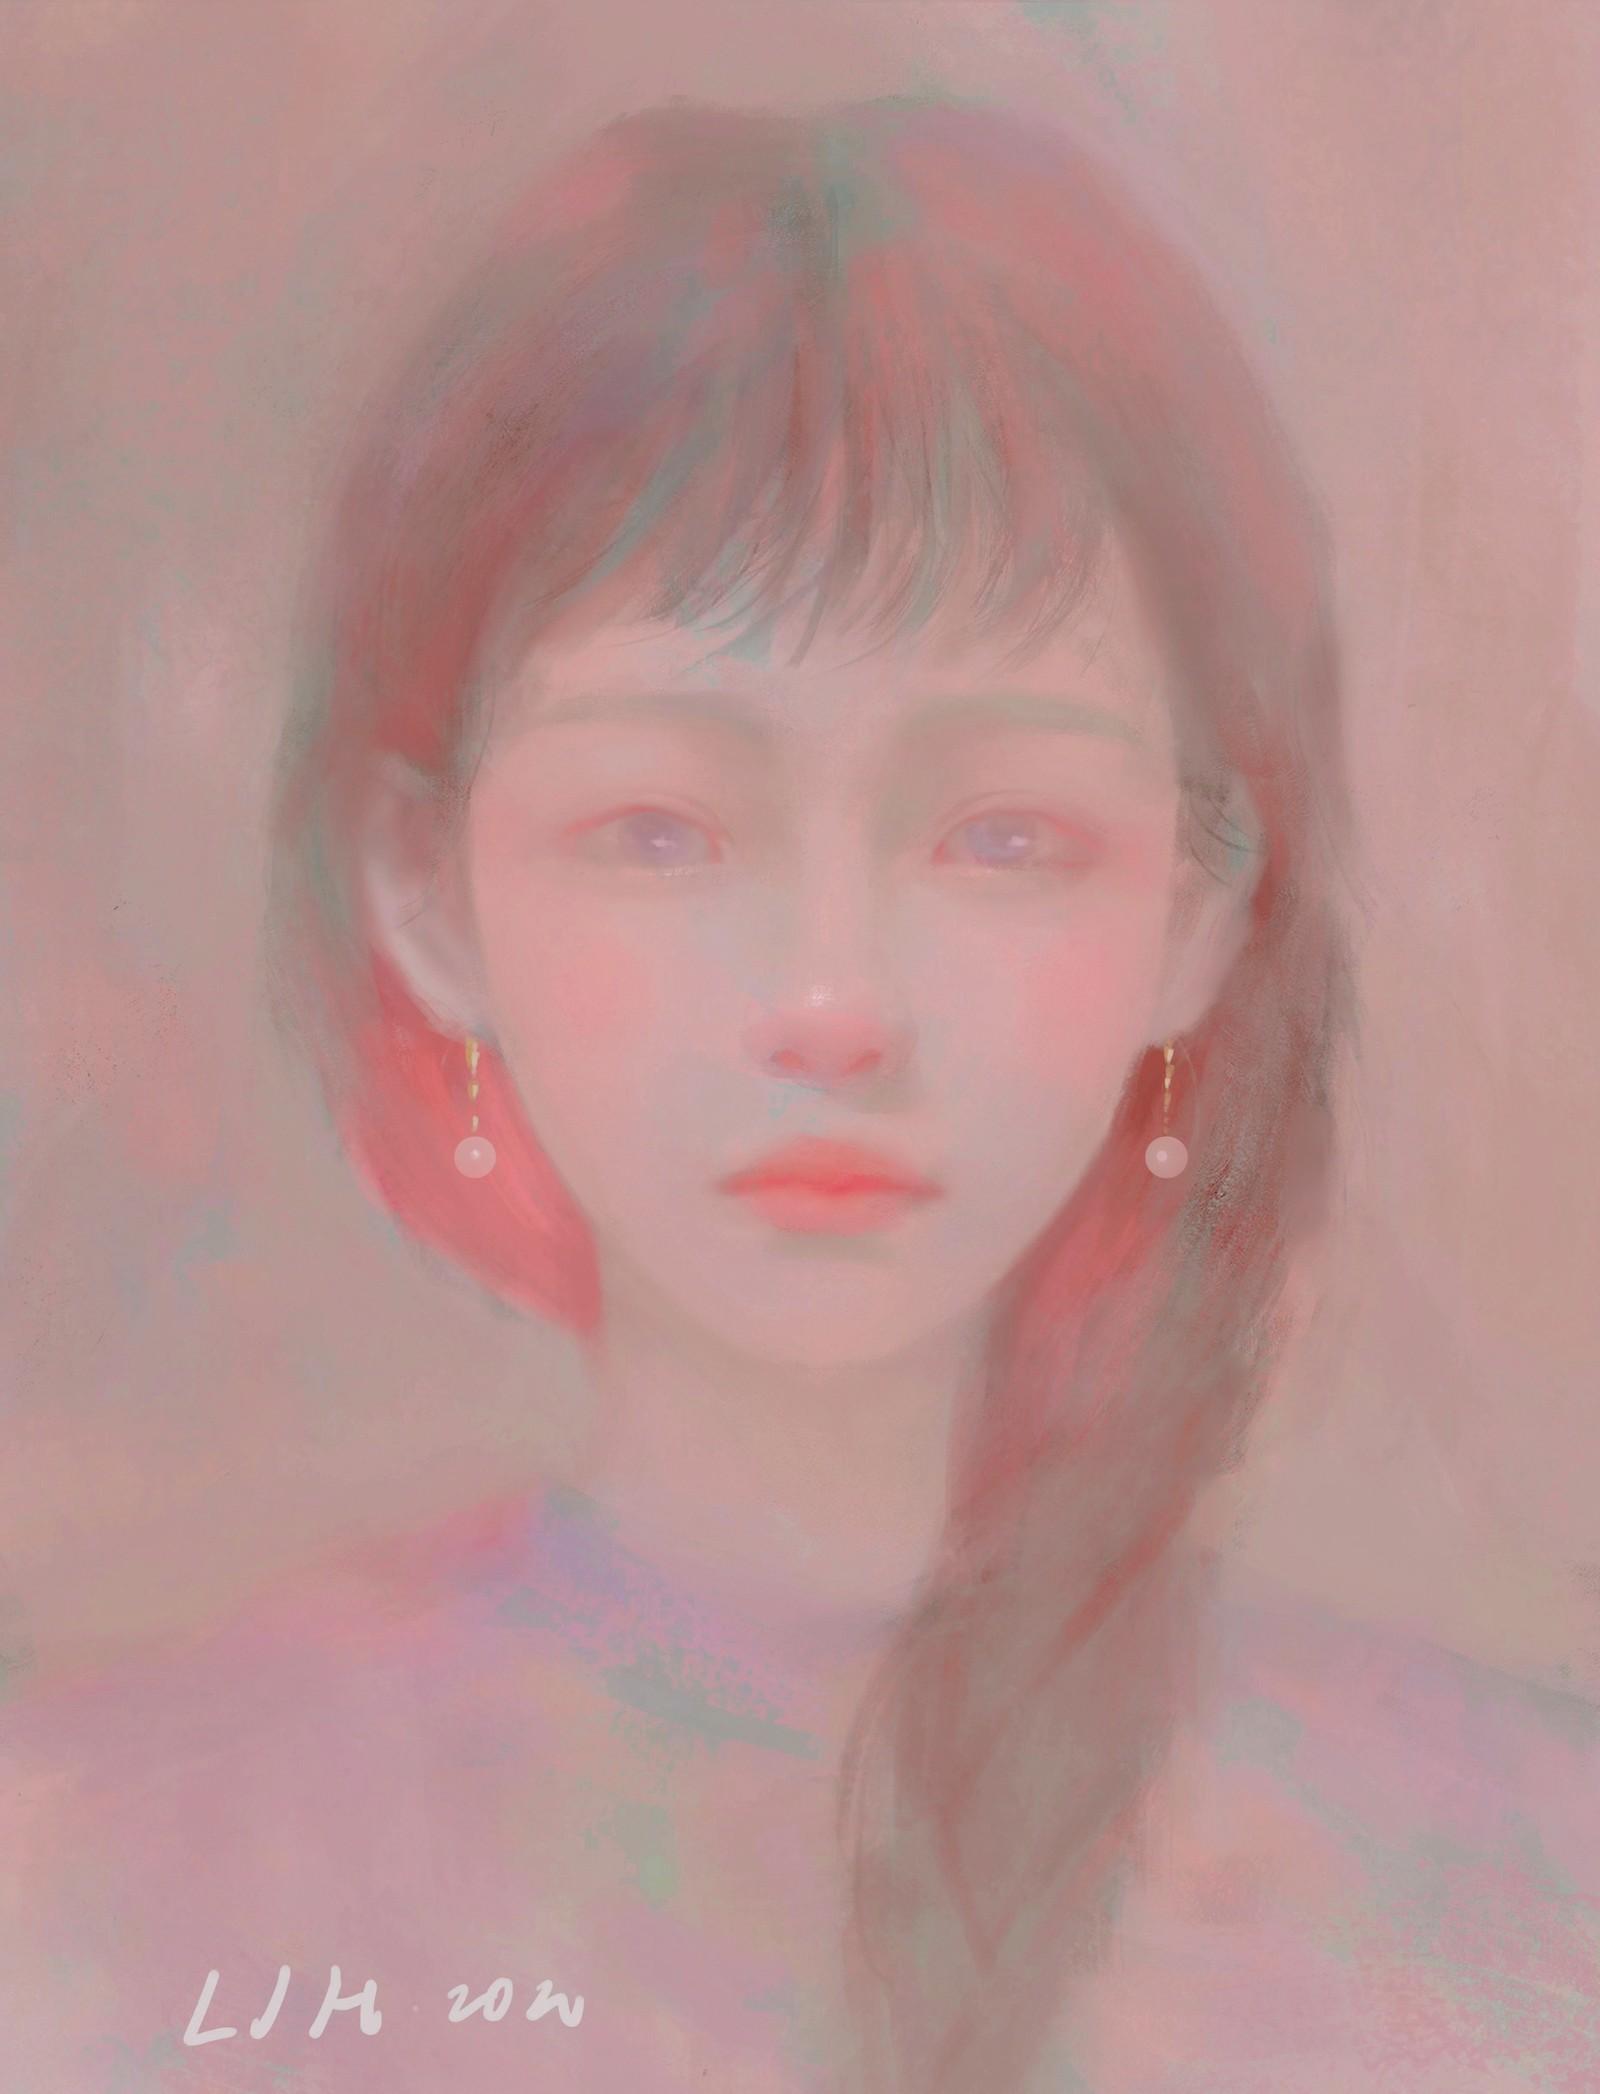 P站画师作品粉红色